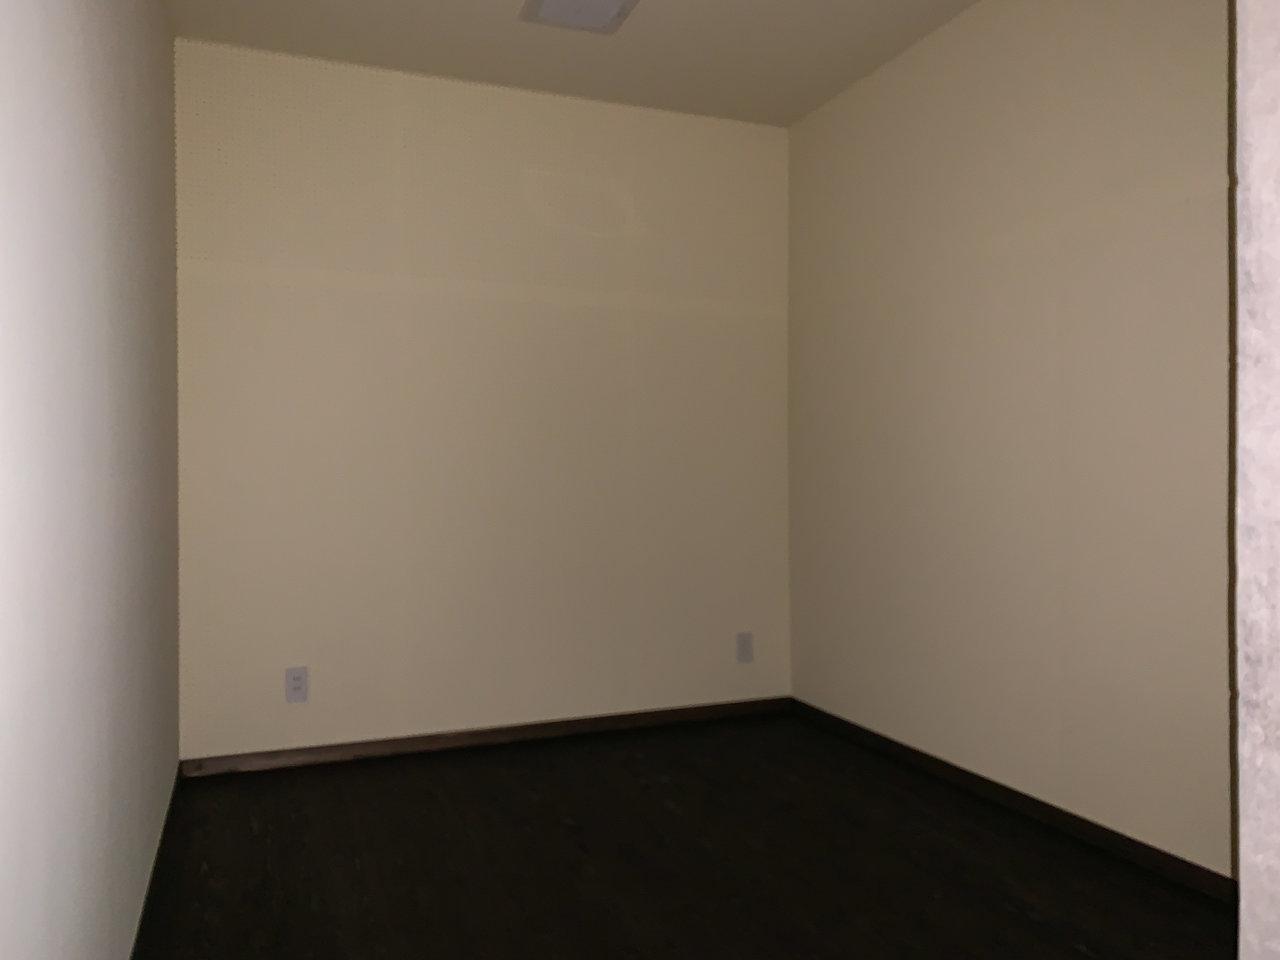 広さ5畳ほどの防音室もついているのも珍しい。プロジェクターを買って映画鑑賞スペースにするなんていうのもアリですね。